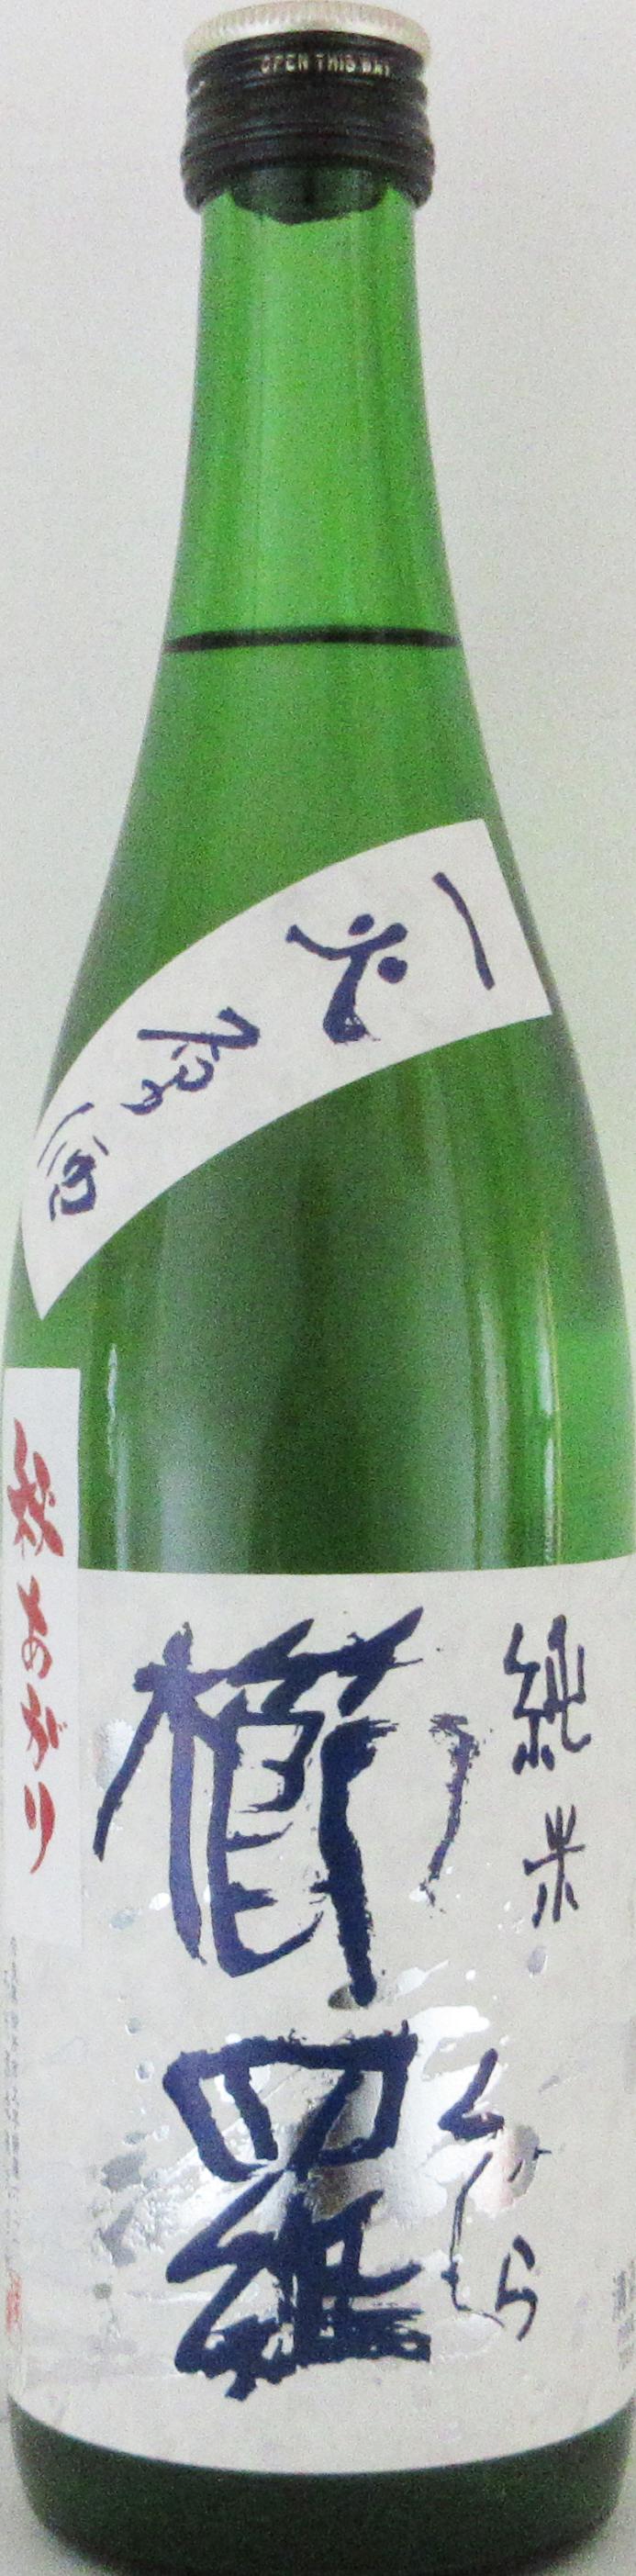 千代酒造株式会社 純米酒 櫛羅 櫛羅  純米山田錦  −火原酒